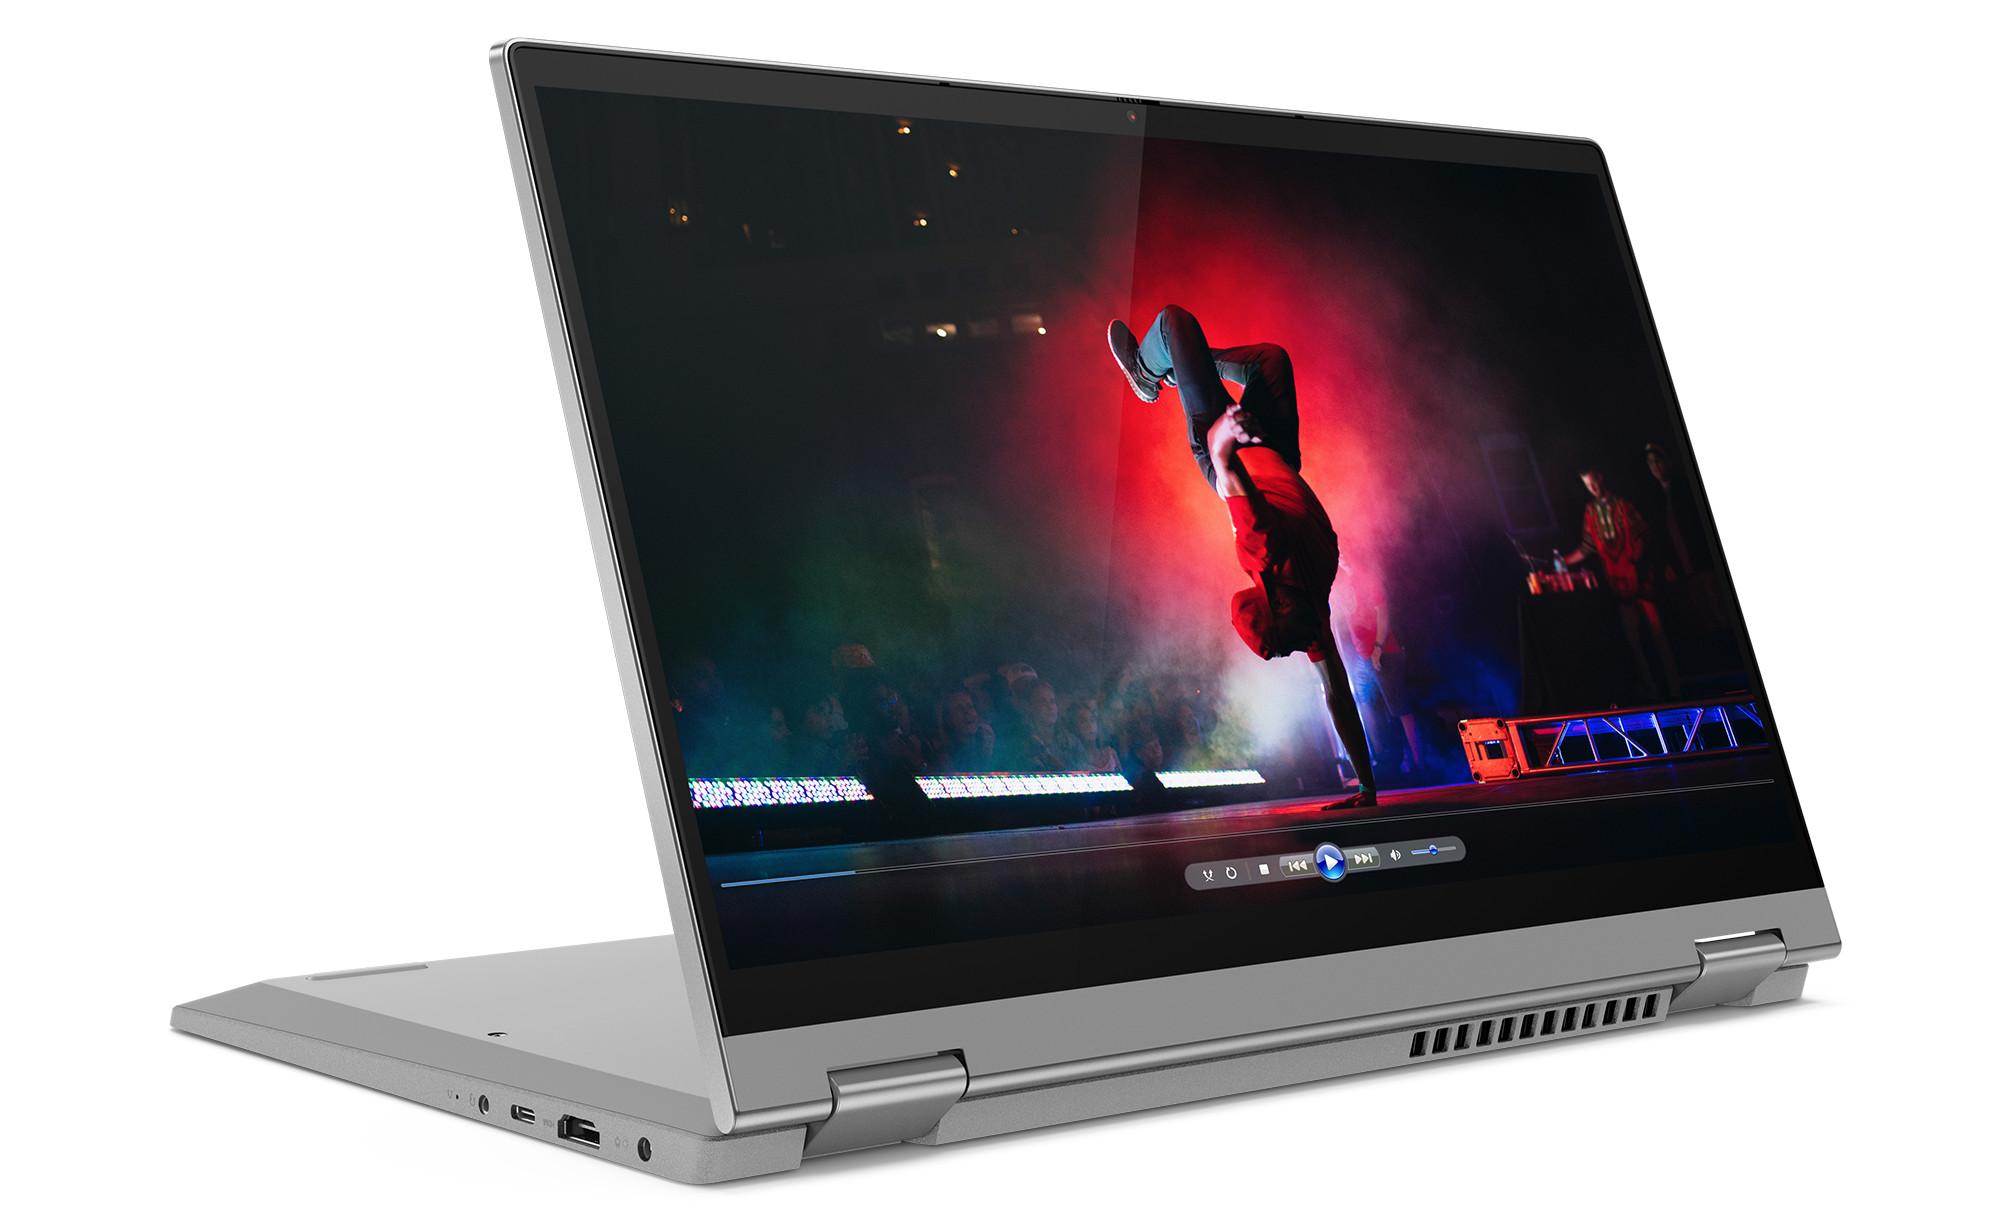 Lenovo IdeaPad Flex 5 - Laptop voor videobewerking goedkoop